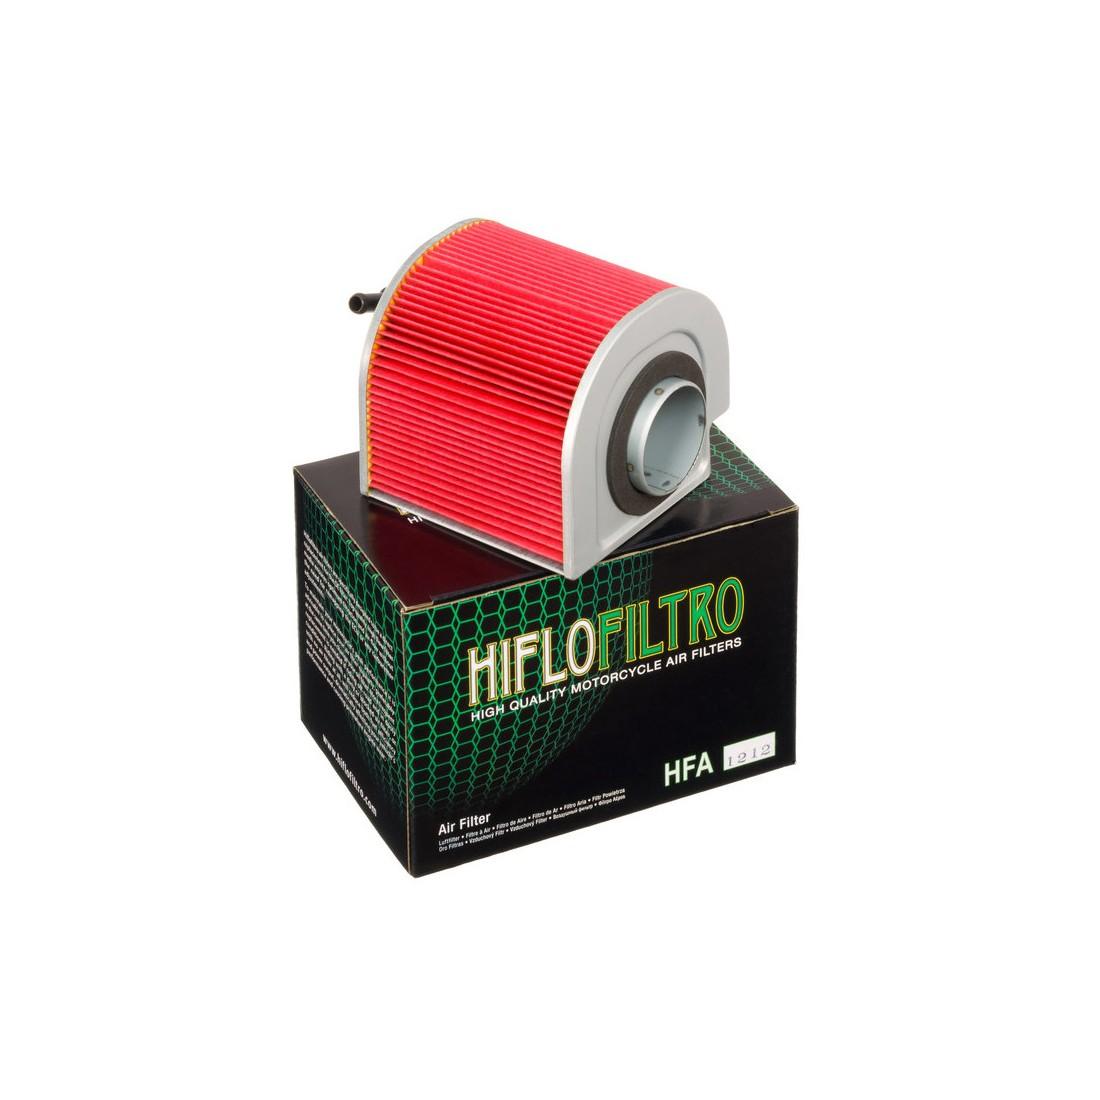 Filtro Aire Hiflofiltro HFA1212